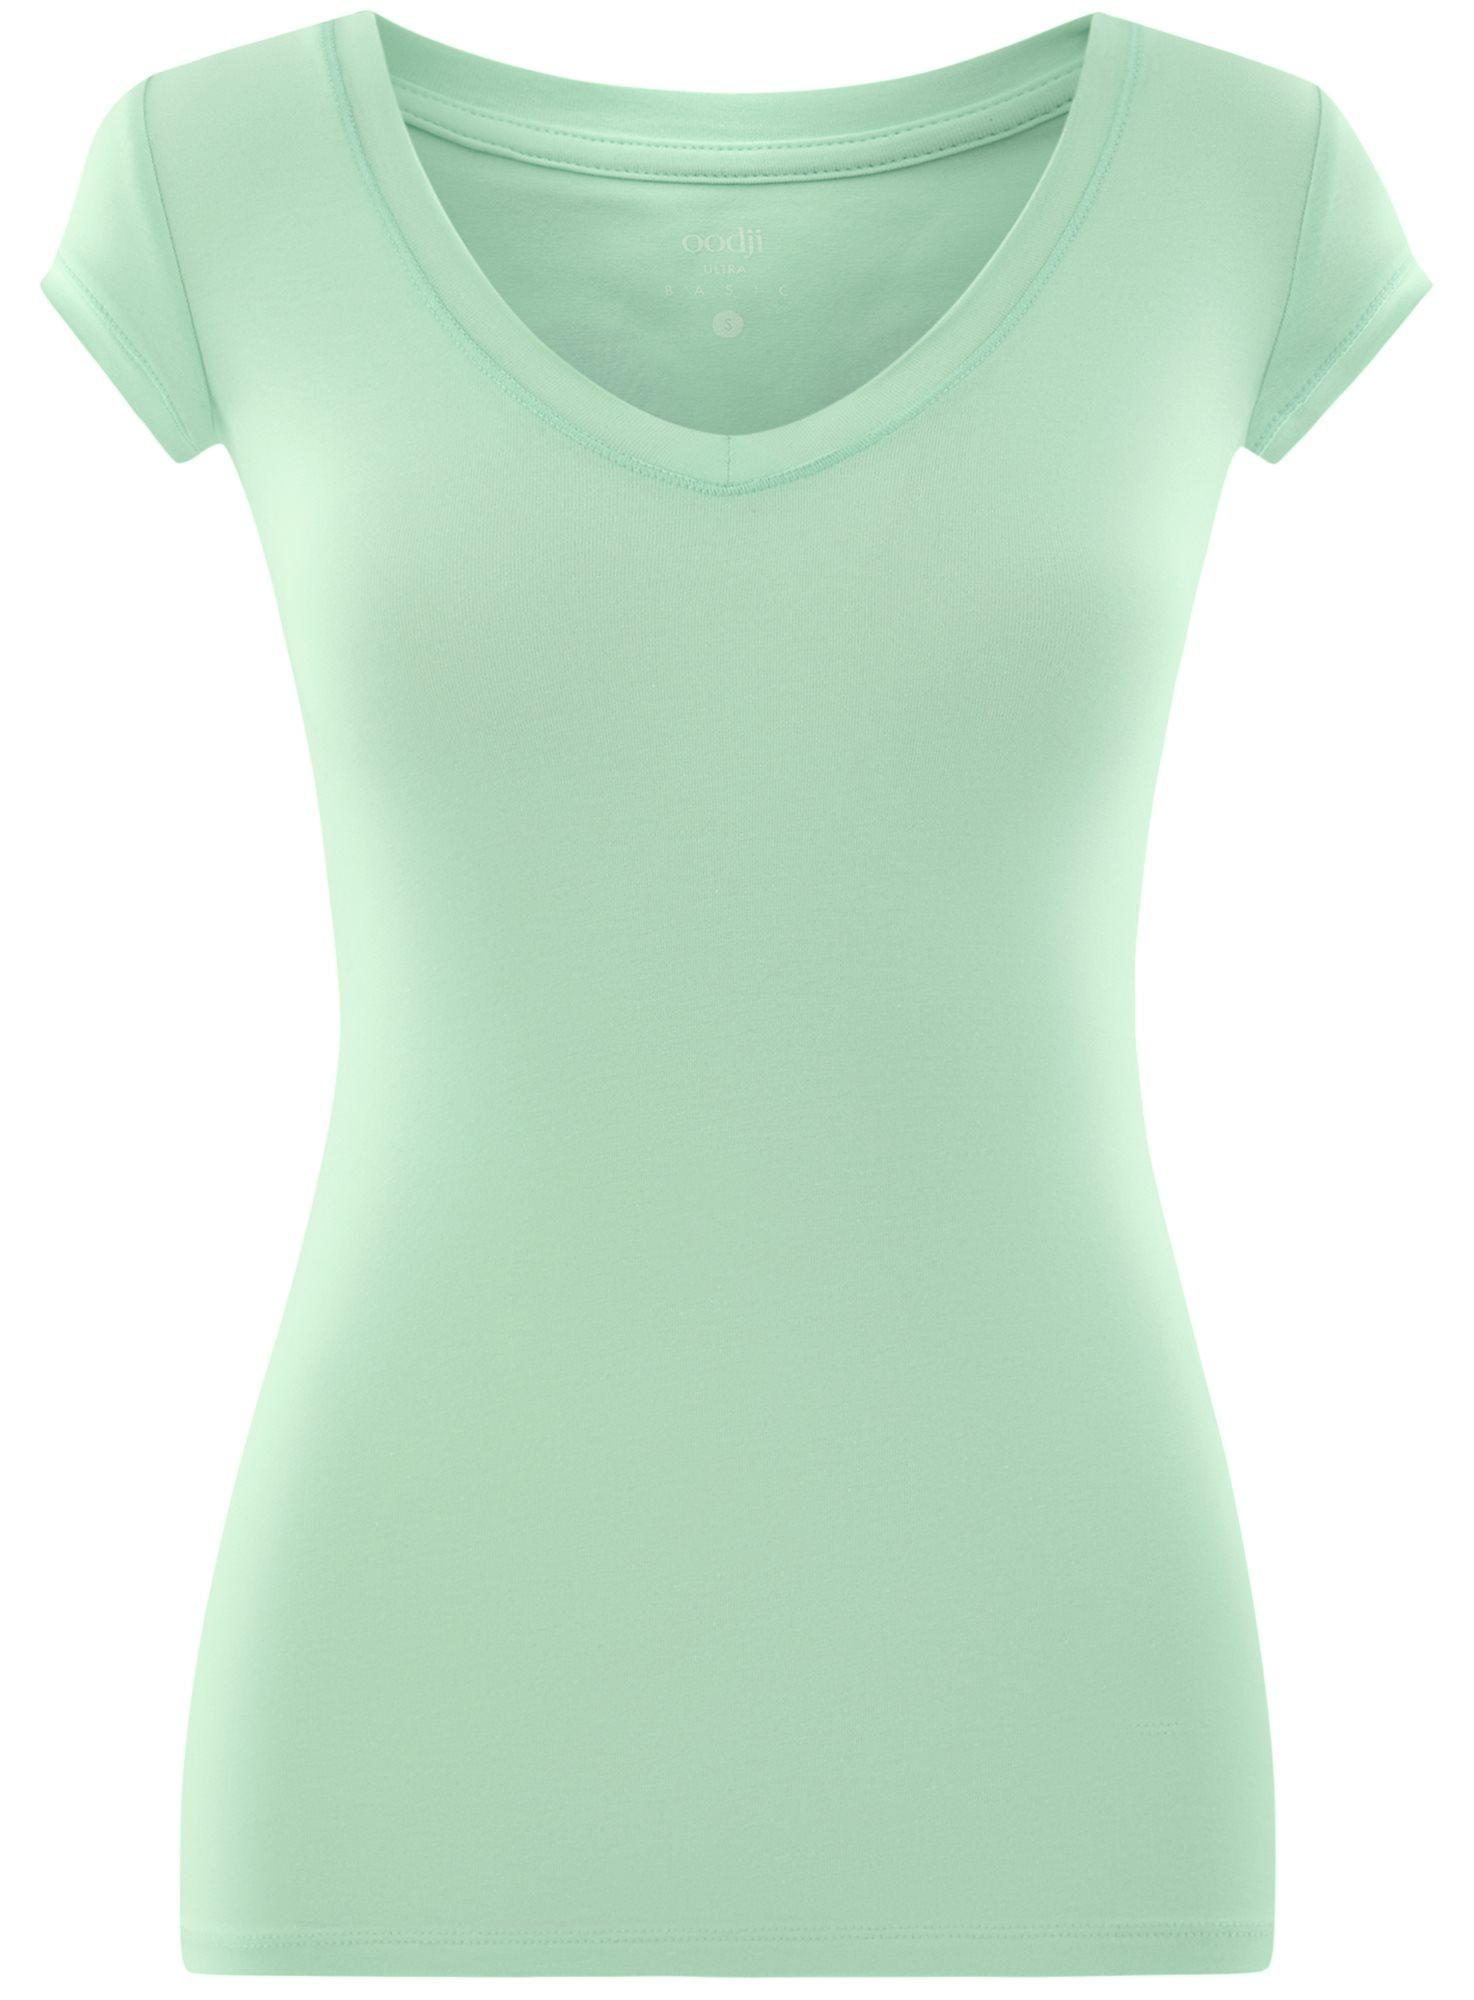 Футболка хлопковая с V-образным вырезом oodji для женщины (зеленый), 14711002-3/46157/6519P